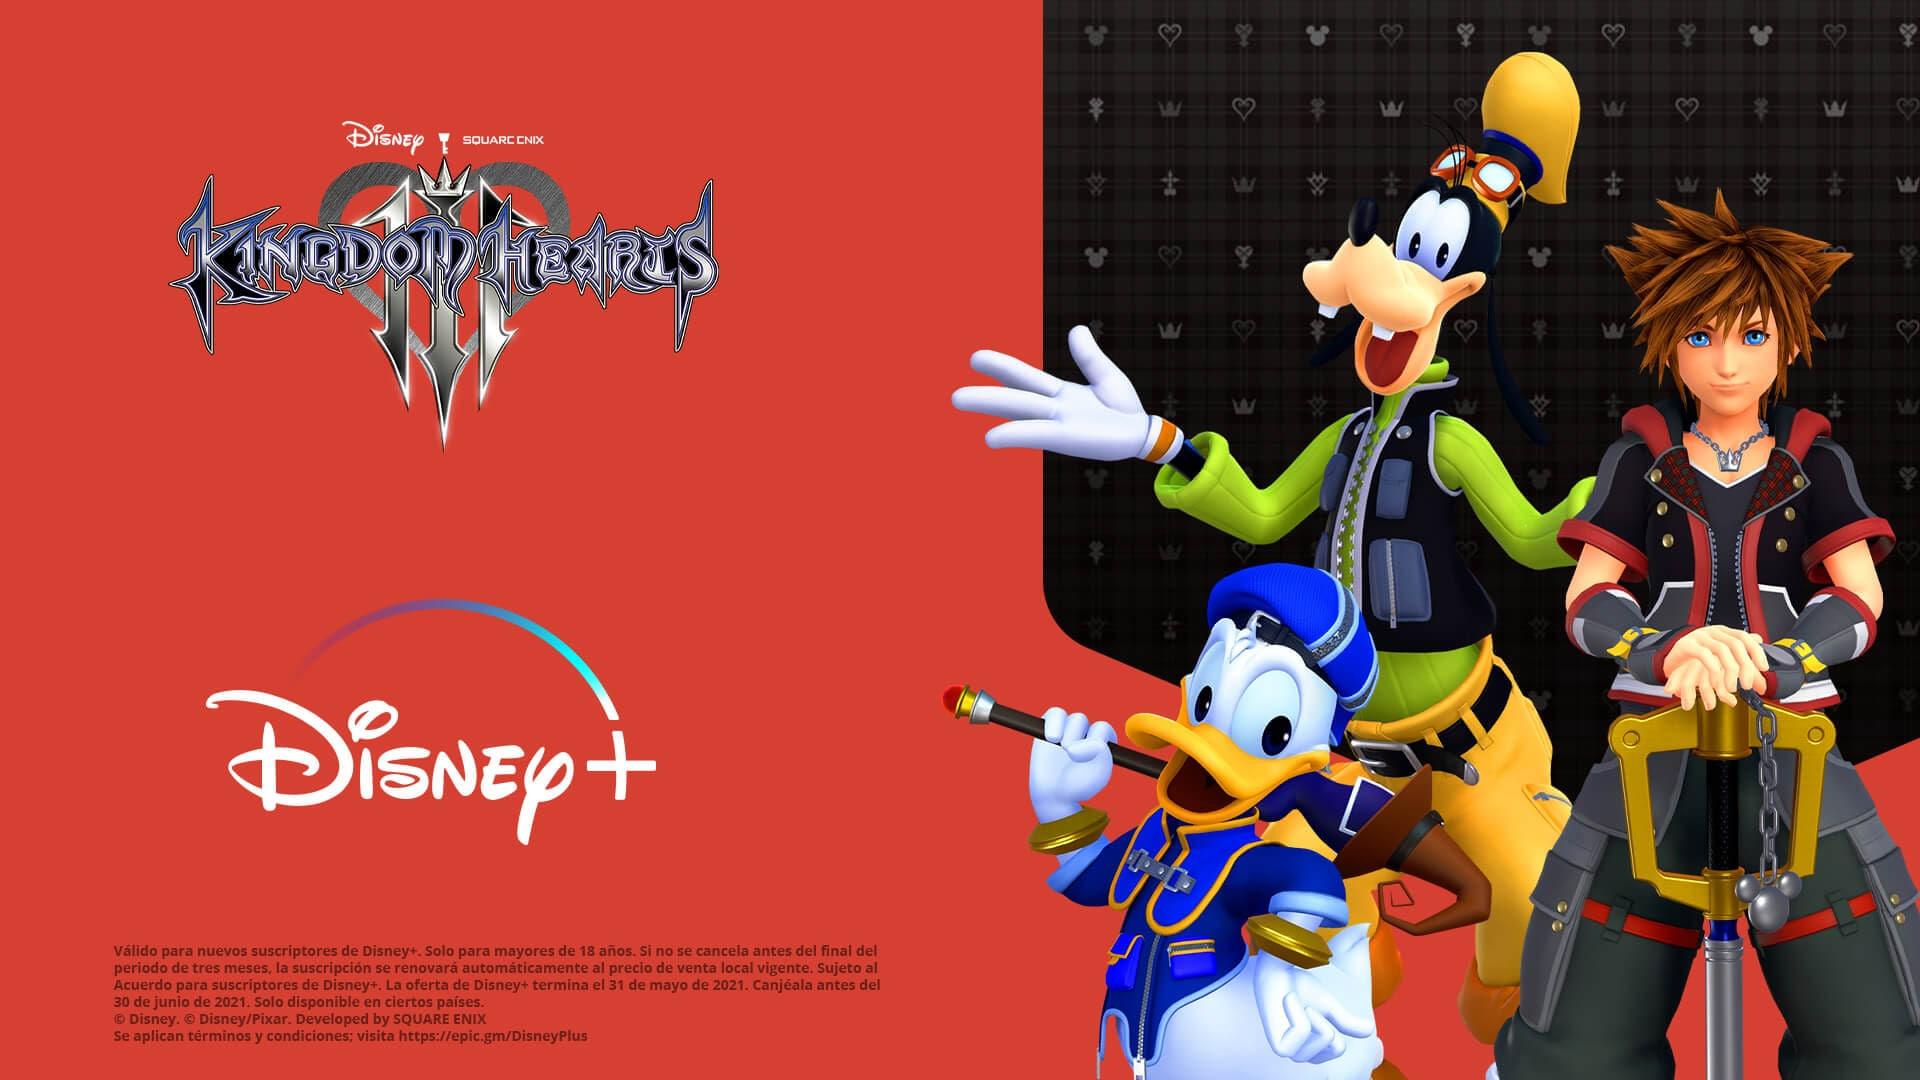 Epic Games [PC]: Compra Kingdom Hearts 3+Re Mind para PC y obtén de regalo 3 meses de Disney+ (nuevos subscriptores)